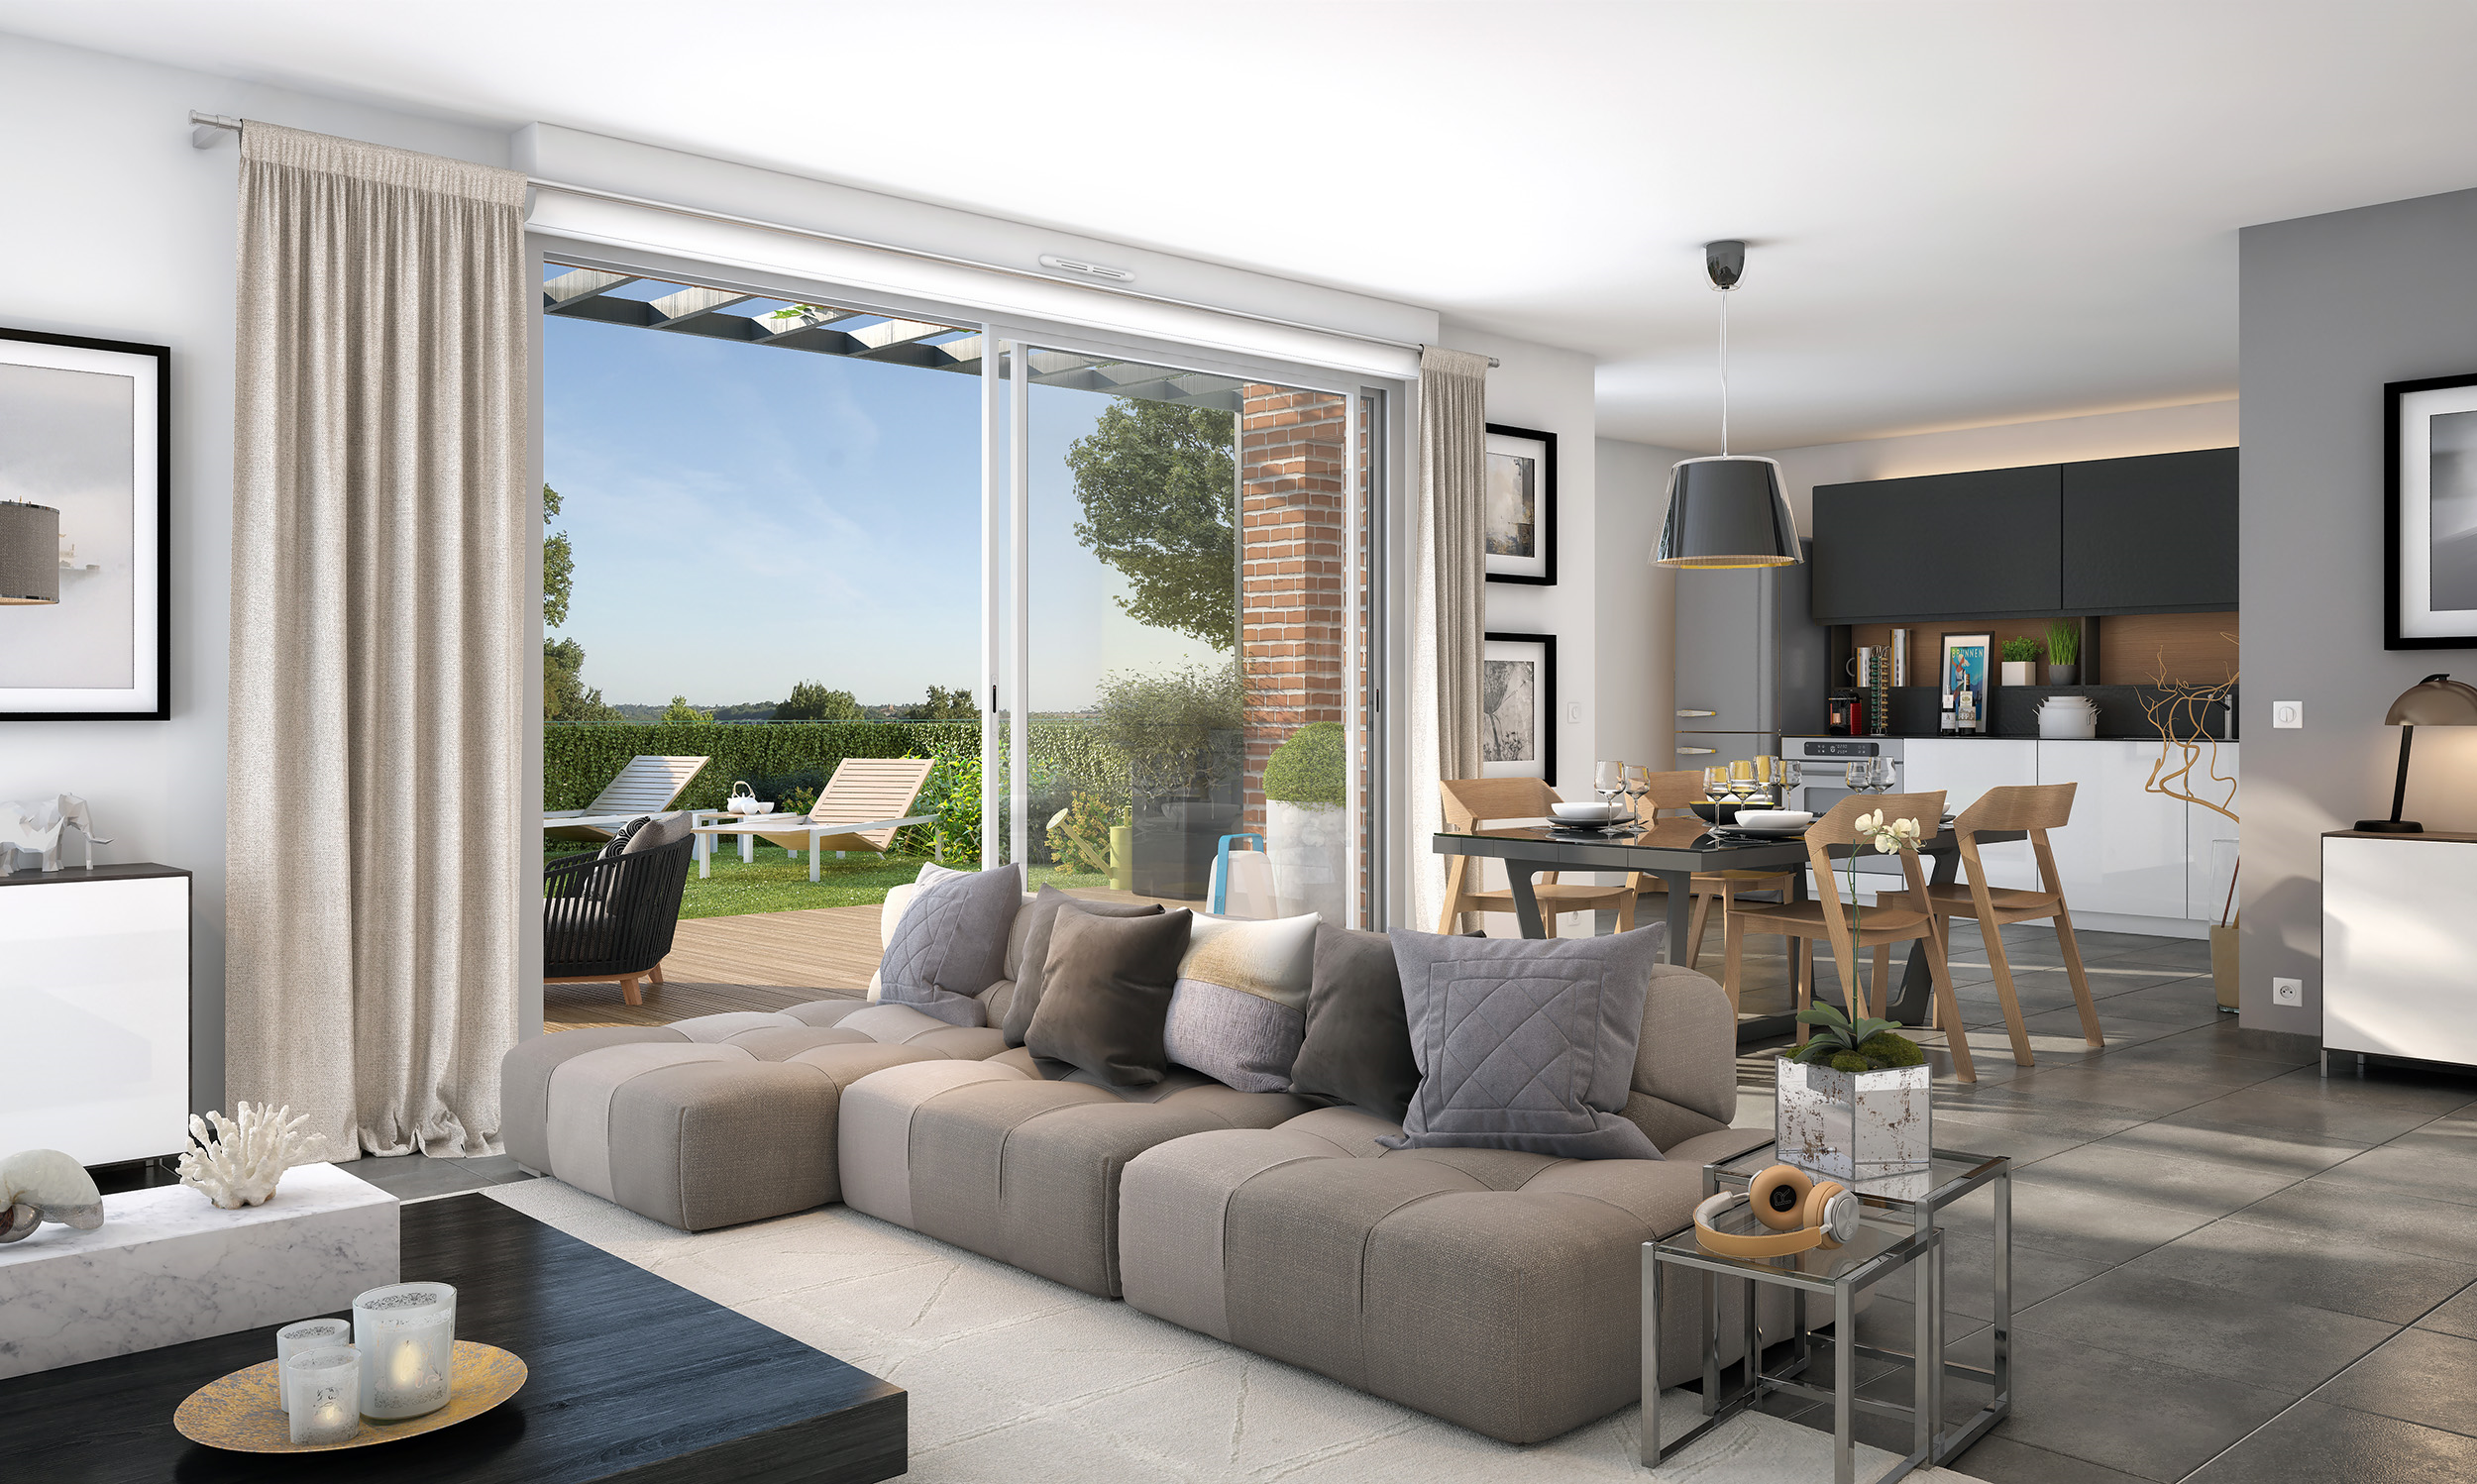 La bastide d 39 adele green city immobilier - Interieur appartement original et ultra moderne a paris ...